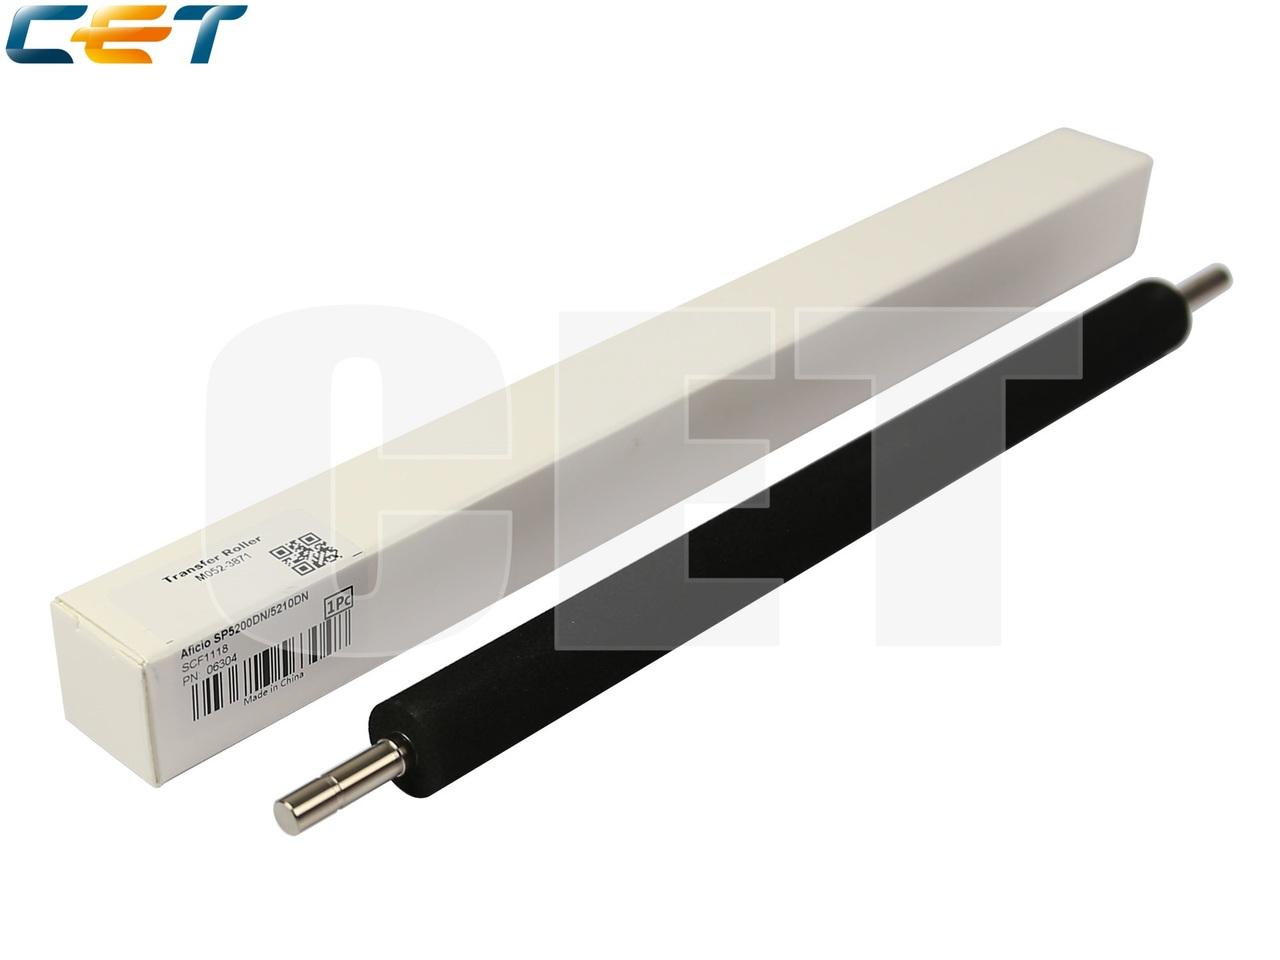 Ролик переноса M052-3871 для RICOH AficioSP5200DN/SP5210DN/SP5200S/SP5210SF/SP5210SR (CET),CET6304